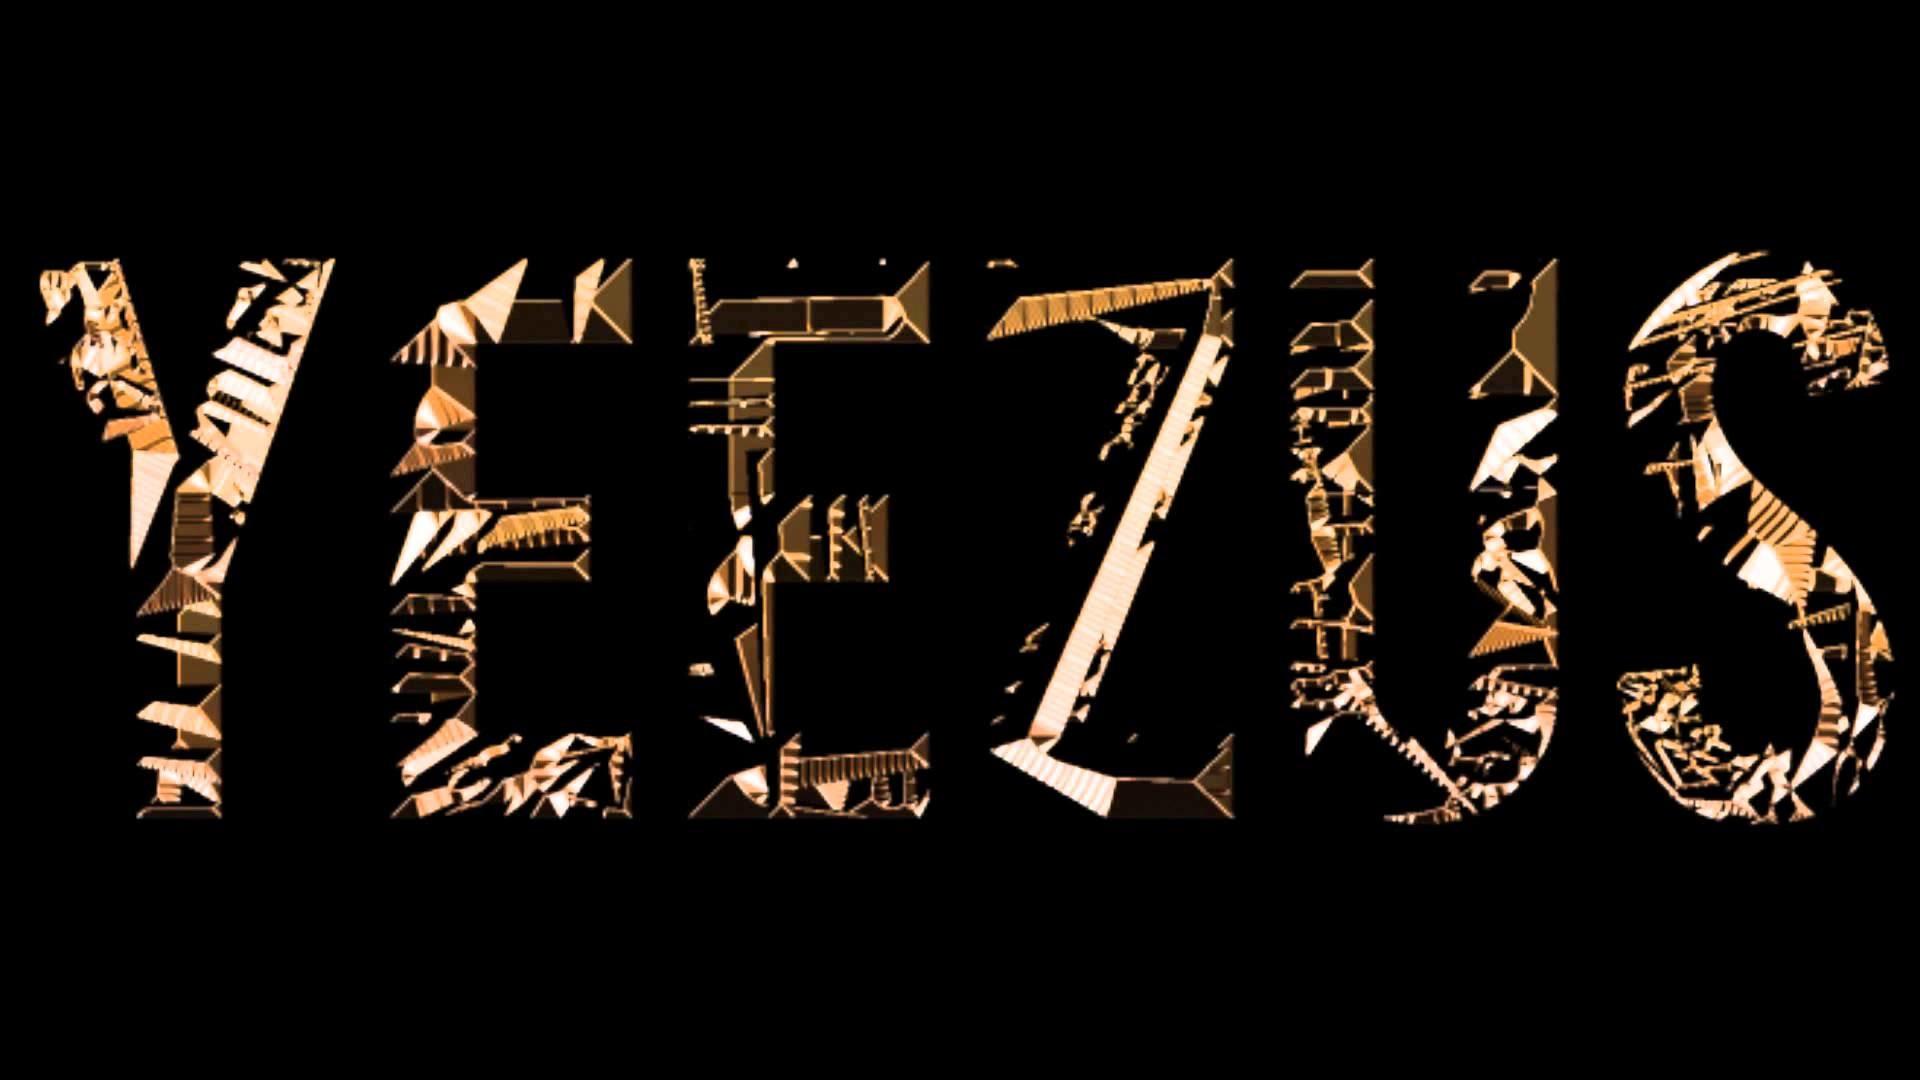 Kanye West Yeezus Wallpapers | WeNeedFun